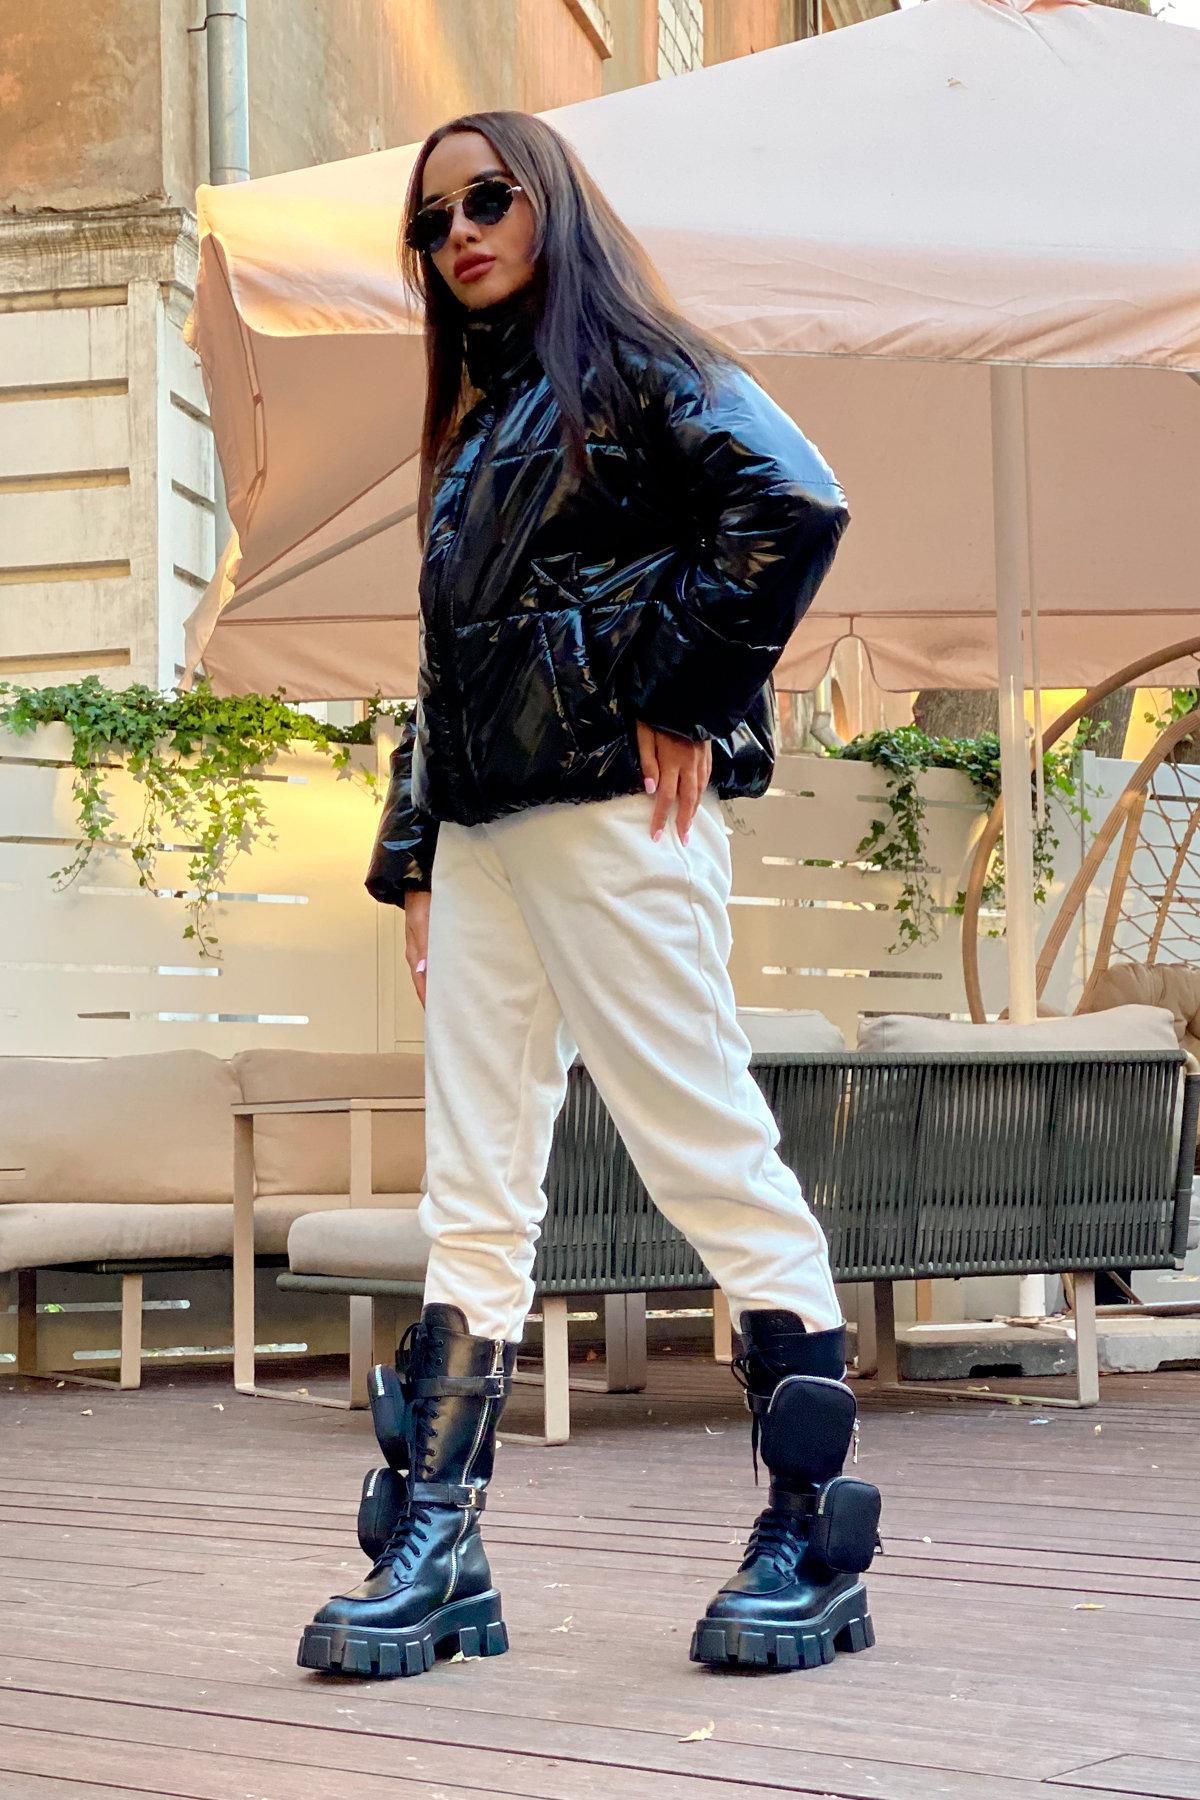 Куртка Драйв 8989 АРТ. 45299 Цвет: Черный - фото 18, интернет магазин tm-modus.ru